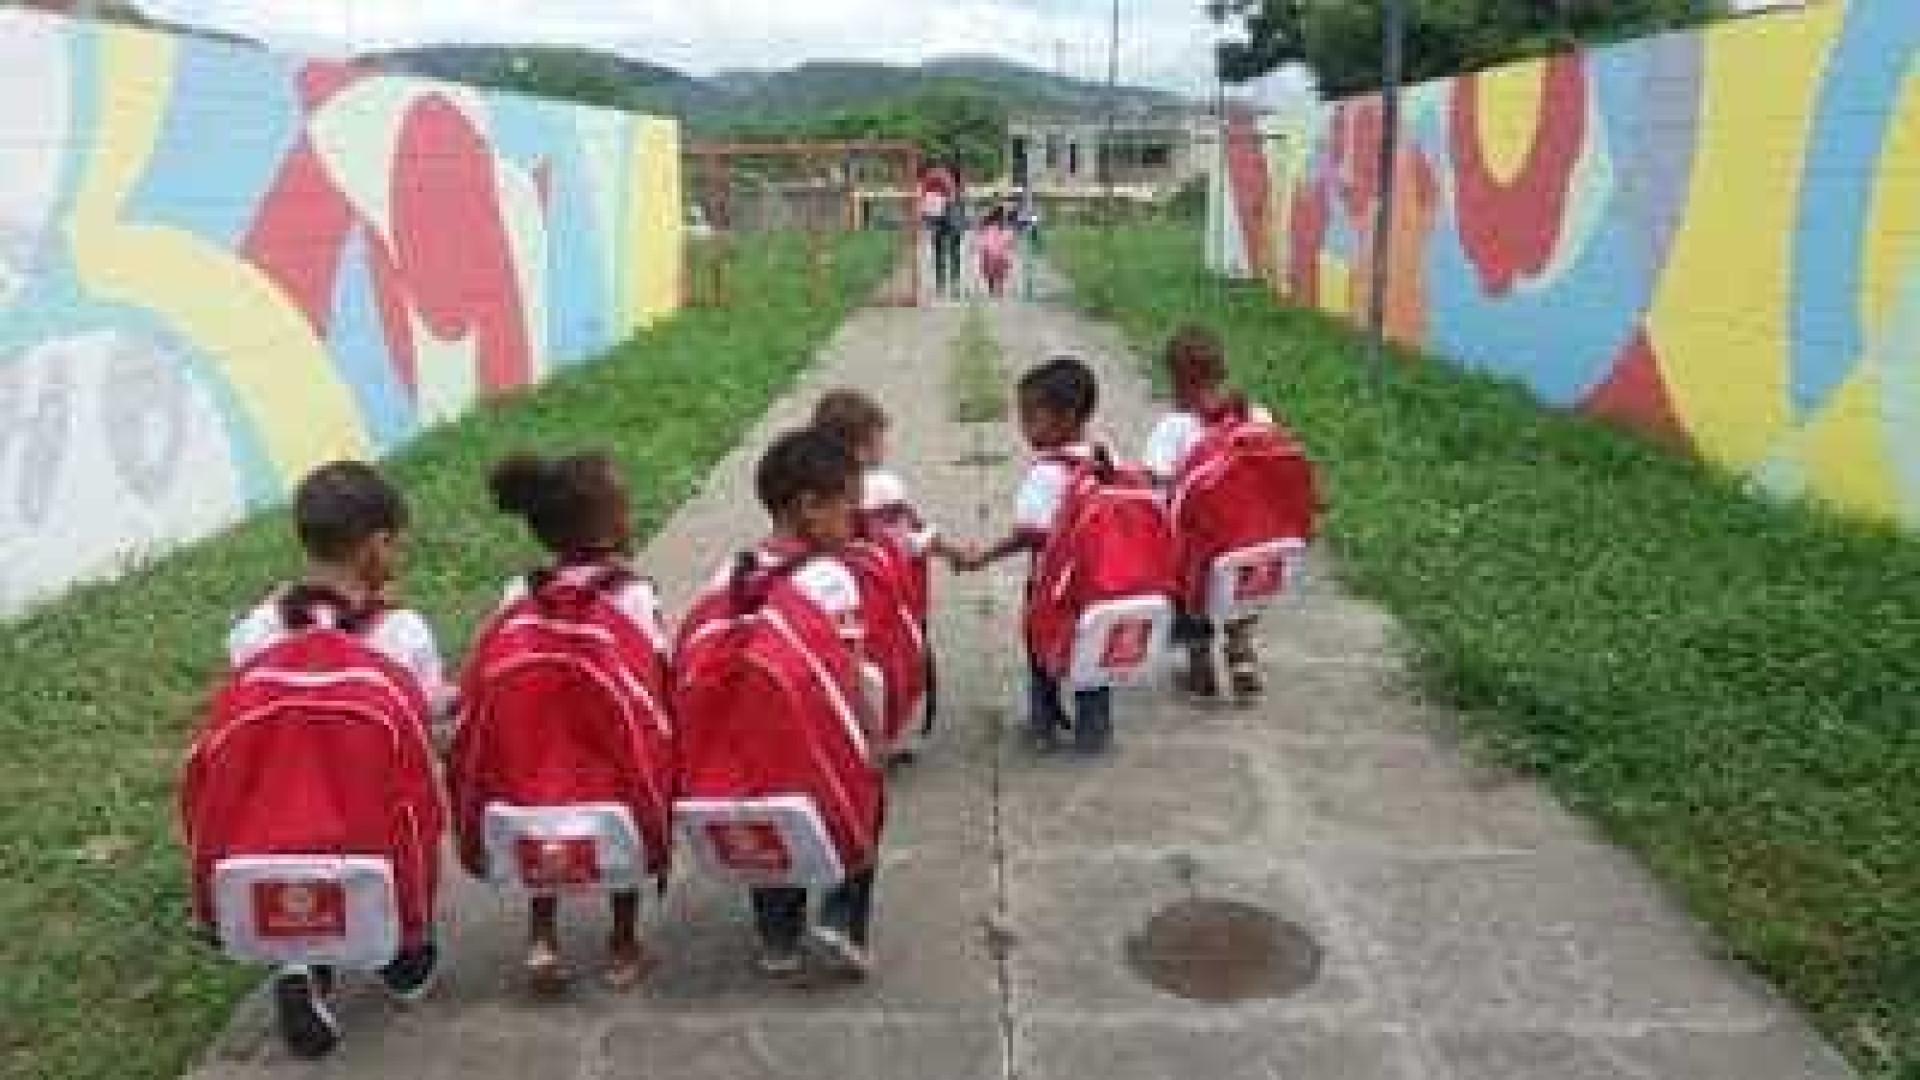 Mochilas entregues em creche da Bahia viram meme; veja